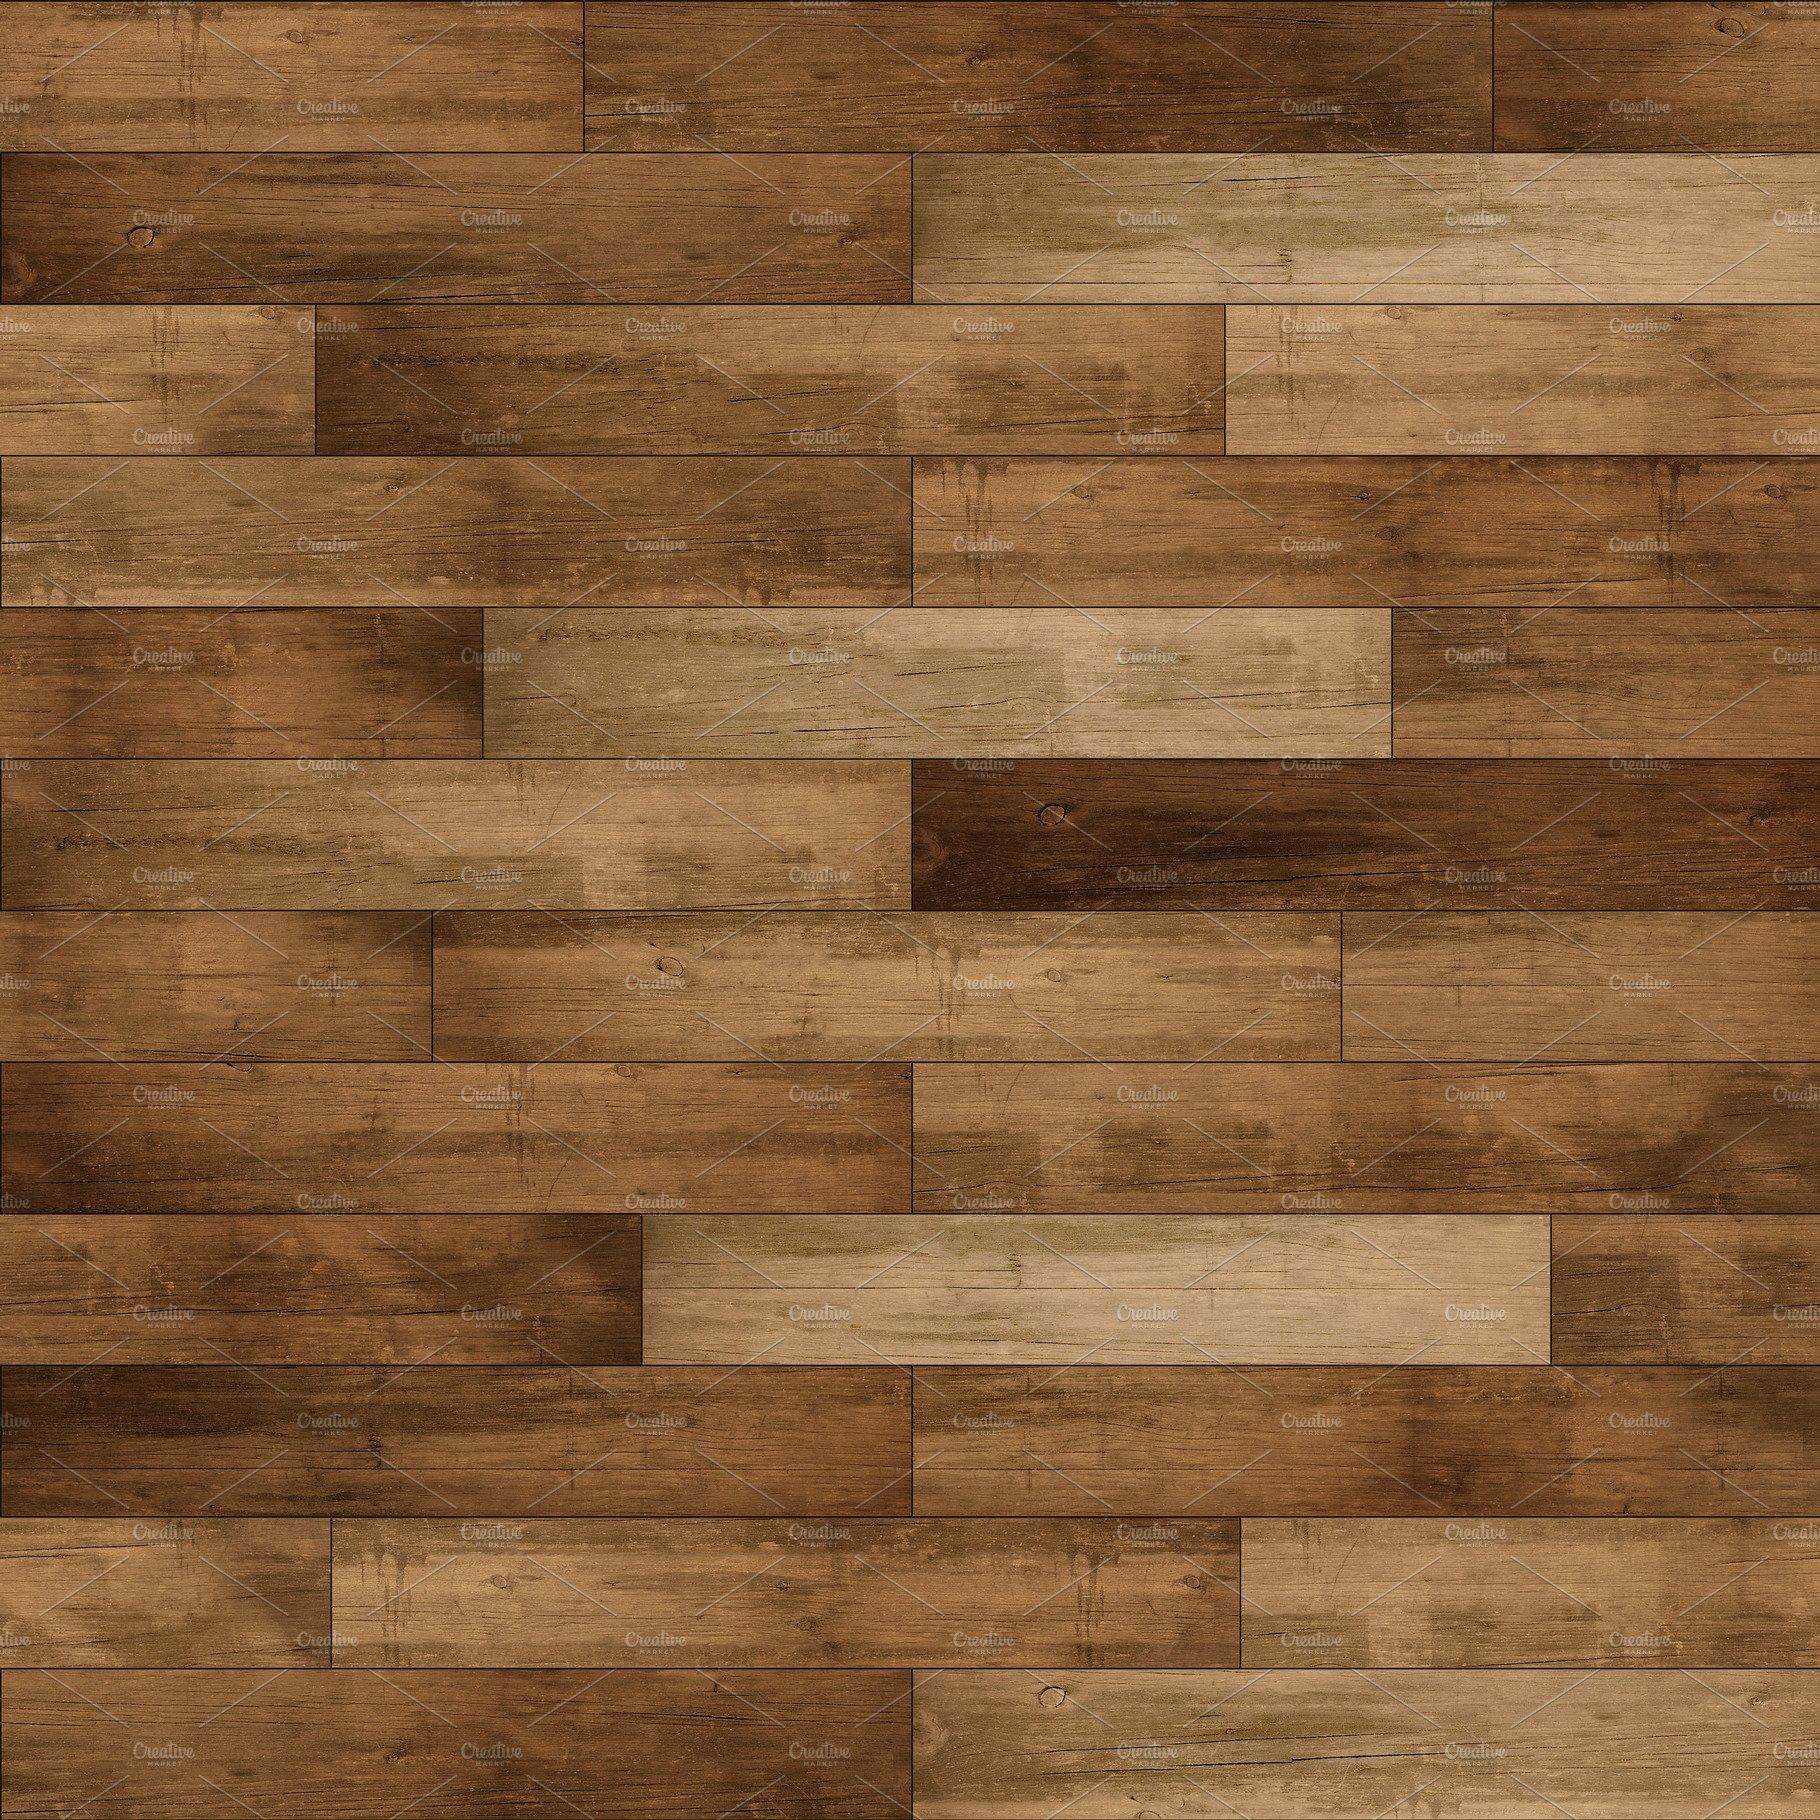 Seamless dark brown parquet texture | Custom-Designed Textures ~ Creative Market